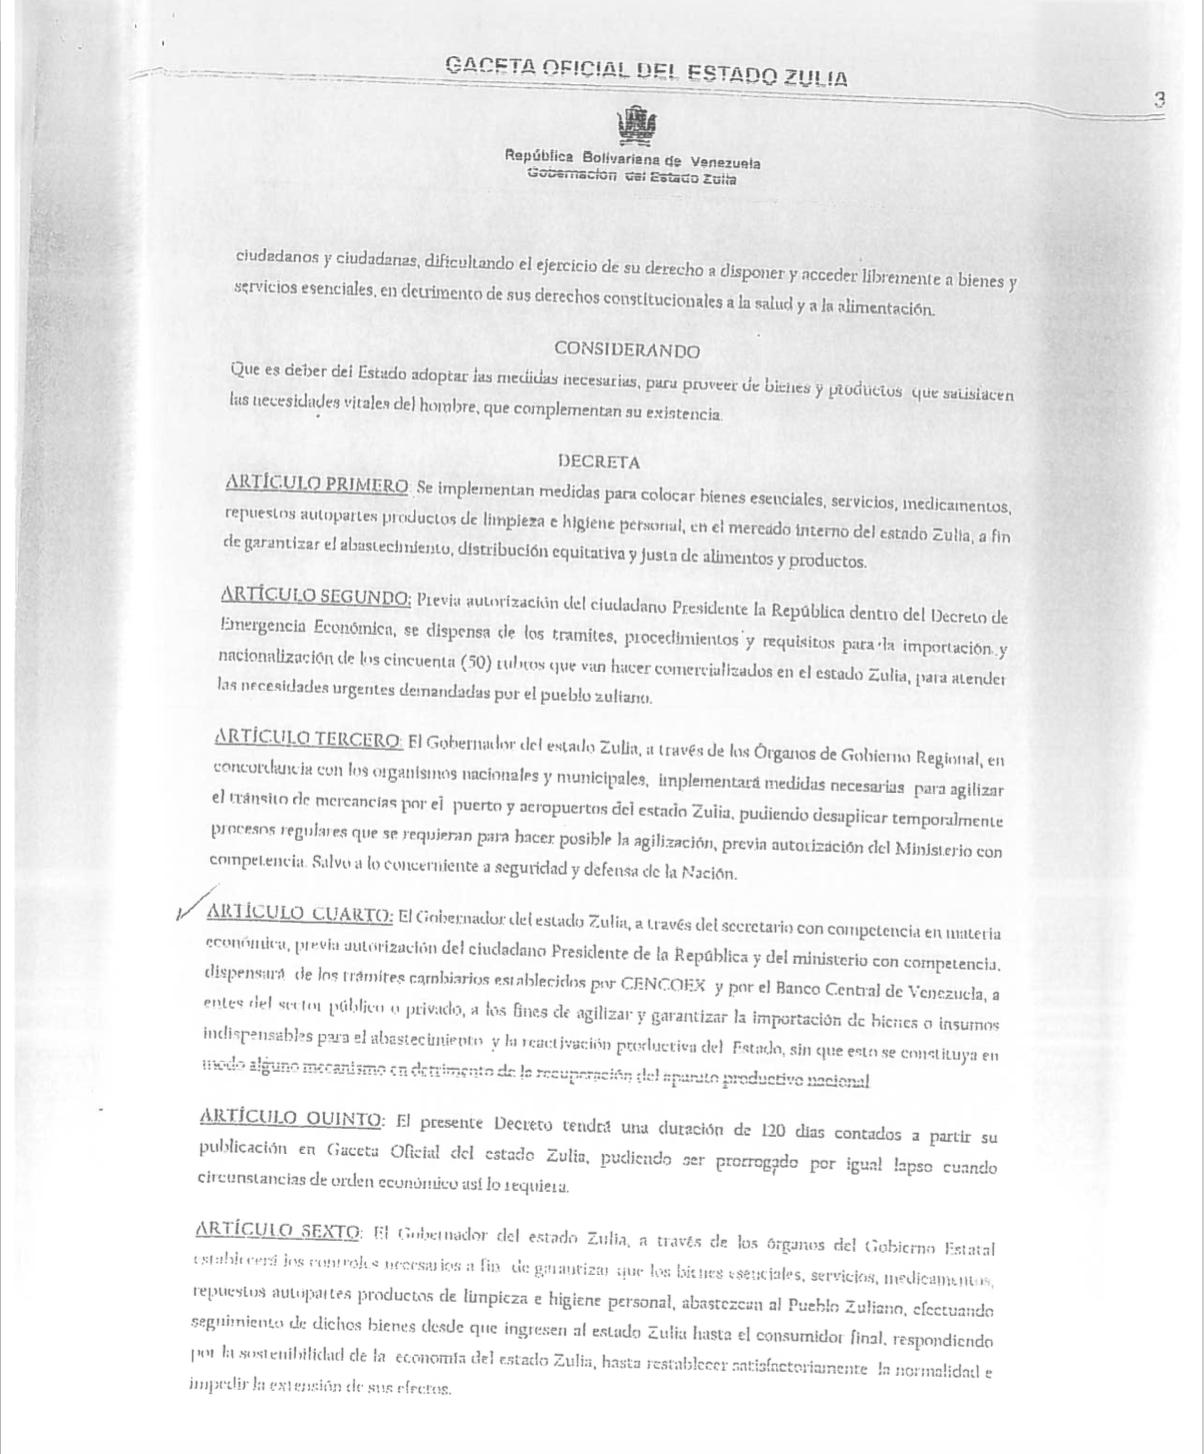 GacetaOficialdeZulia3